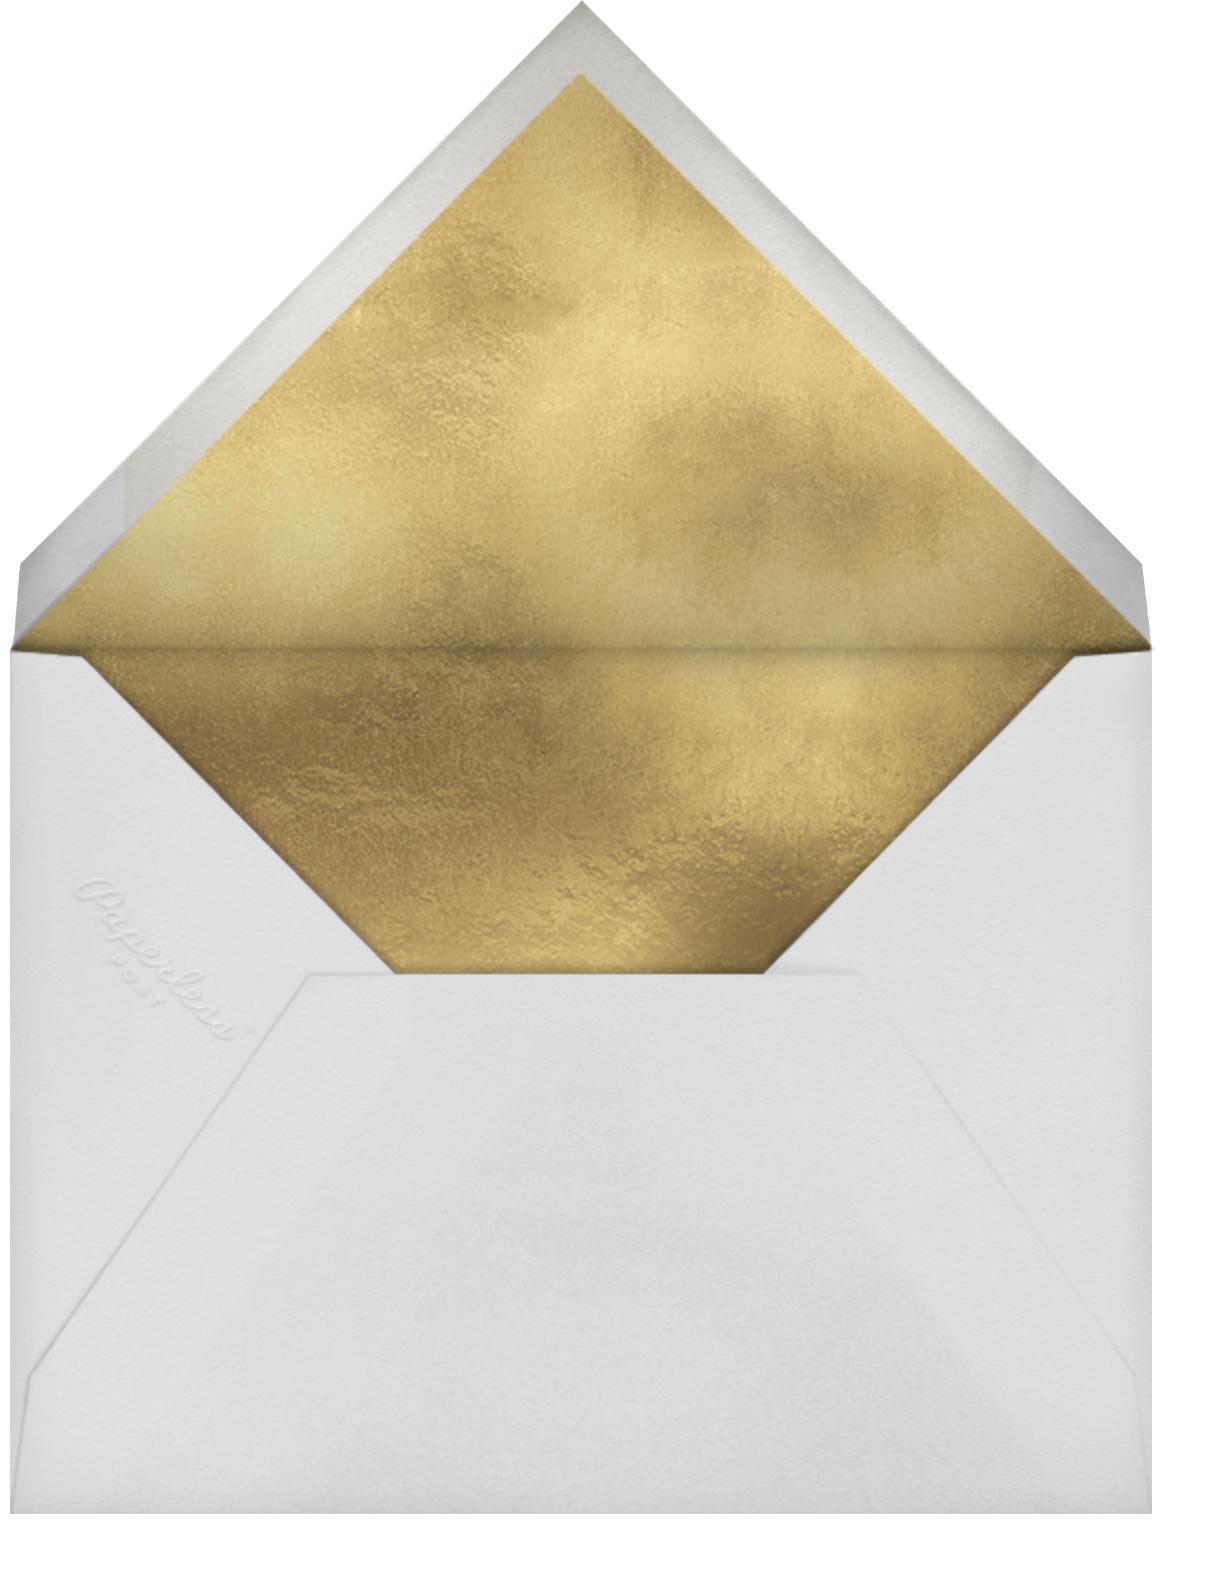 Sky Glitter - Spring Rain - kate spade new york - Hanukkah - envelope back